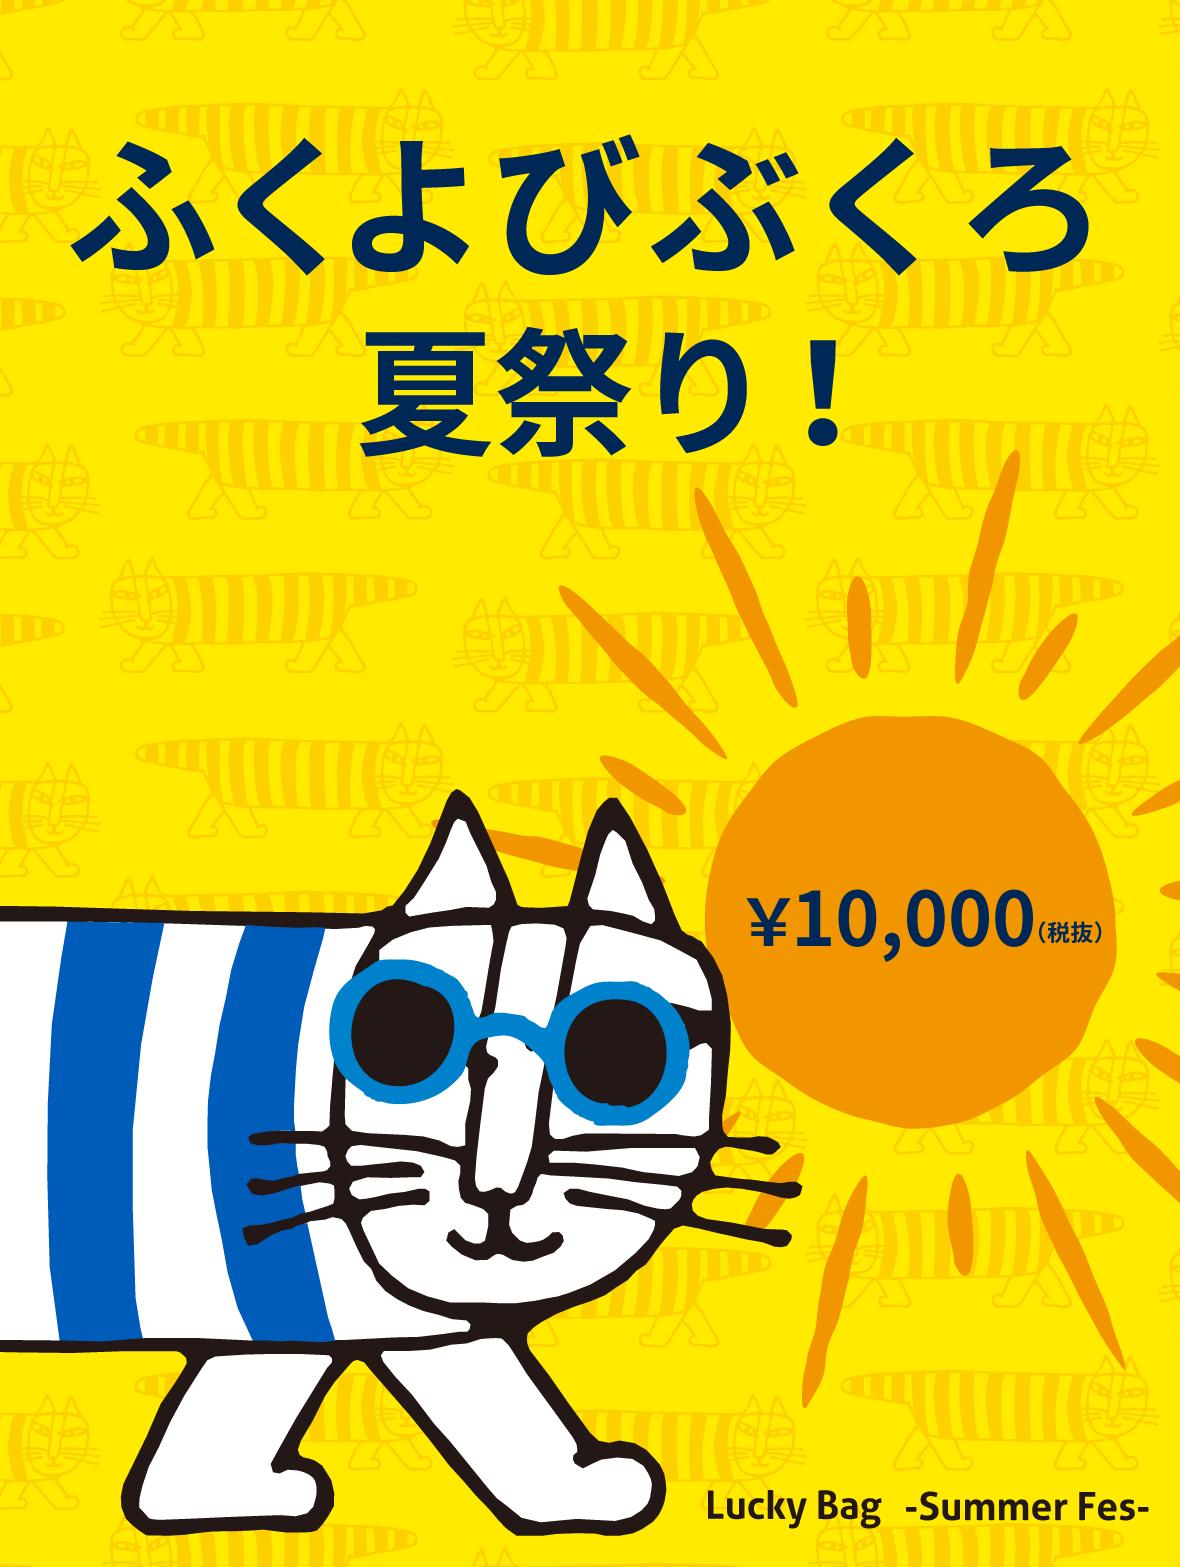 【TK】【6/15以降、順次配送予定】ふくよびぶくろ・夏祭り! Lucky Bag -Summer Fes-